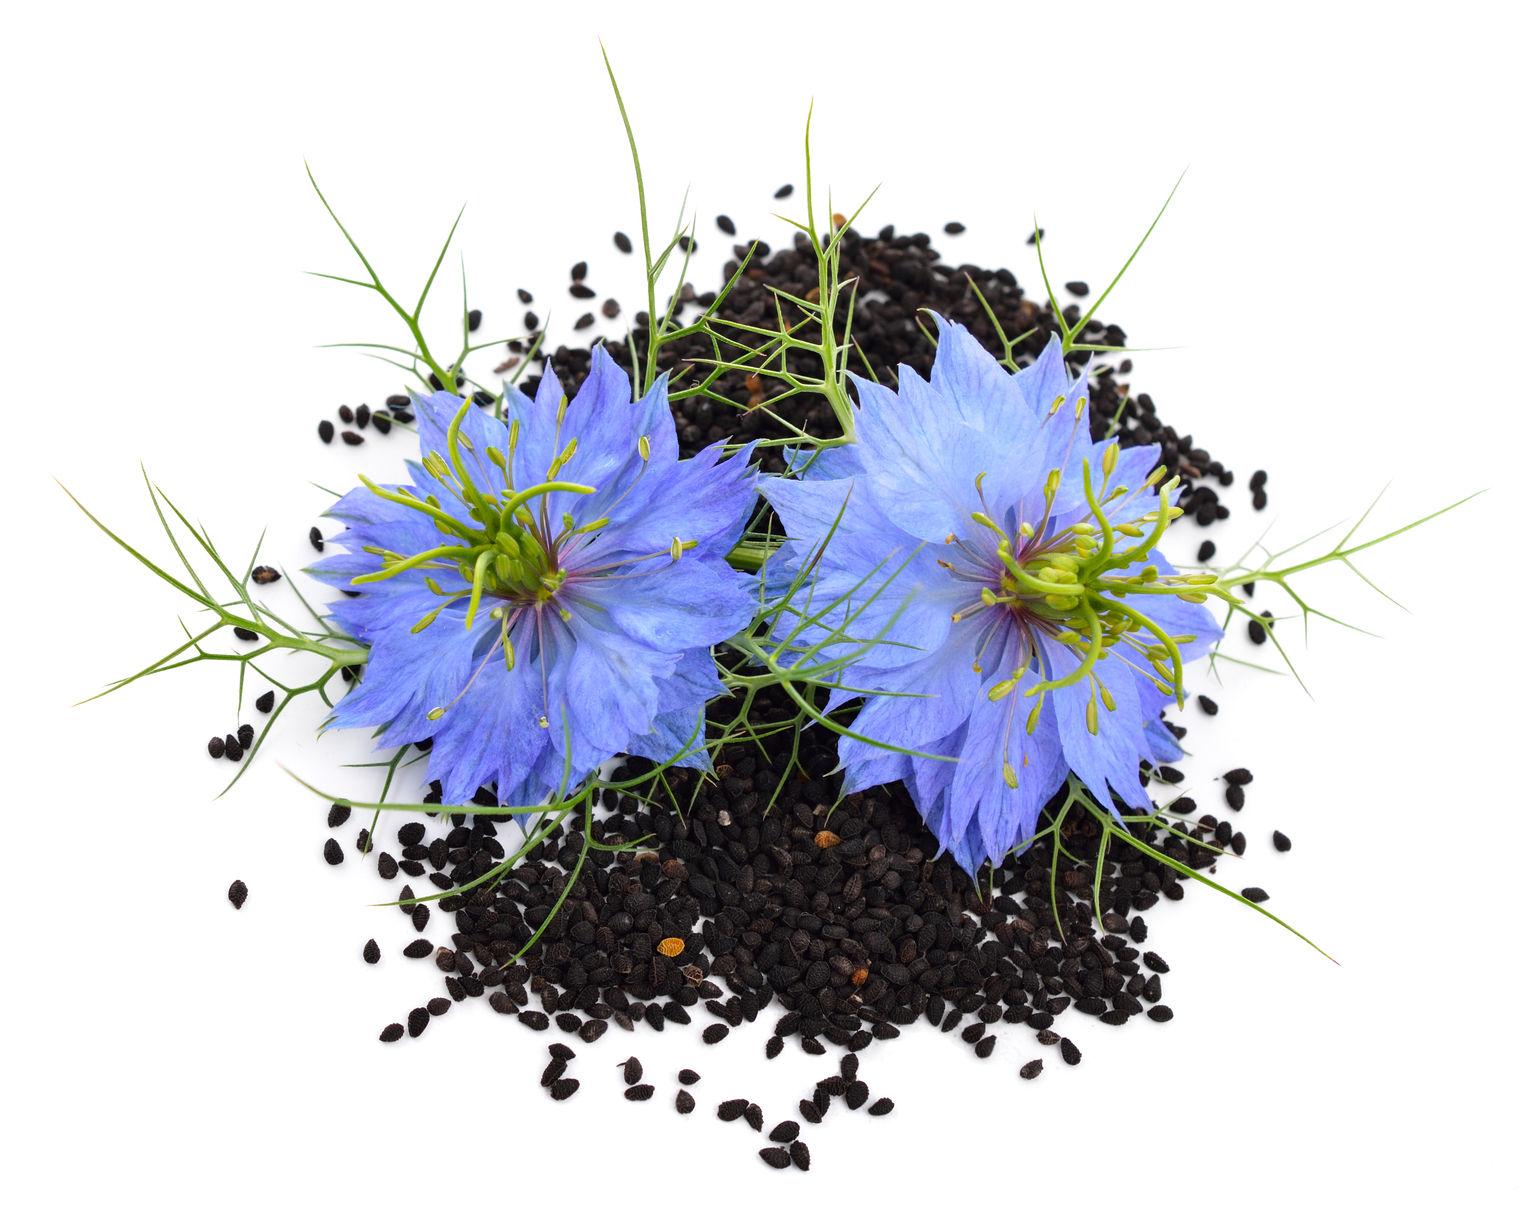 la graines de nigelle bio plante pour le traitement anti